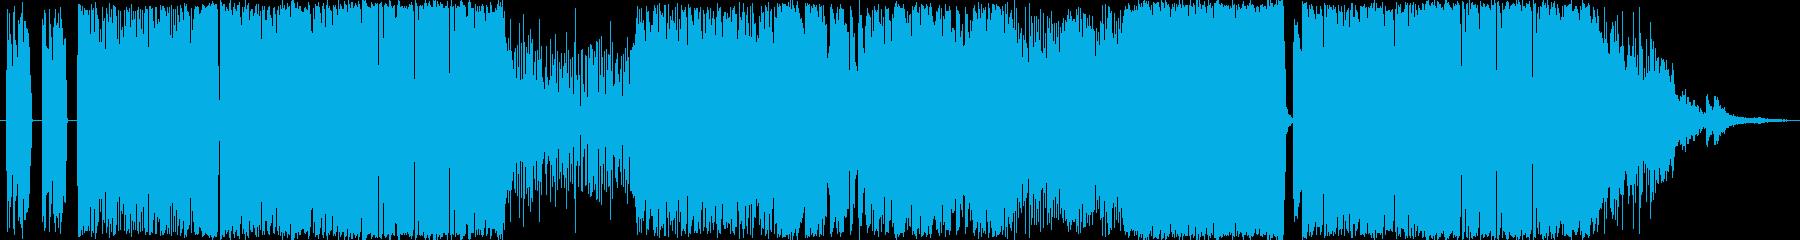 激しいロックサウンドの格闘ゲーム用OPの再生済みの波形